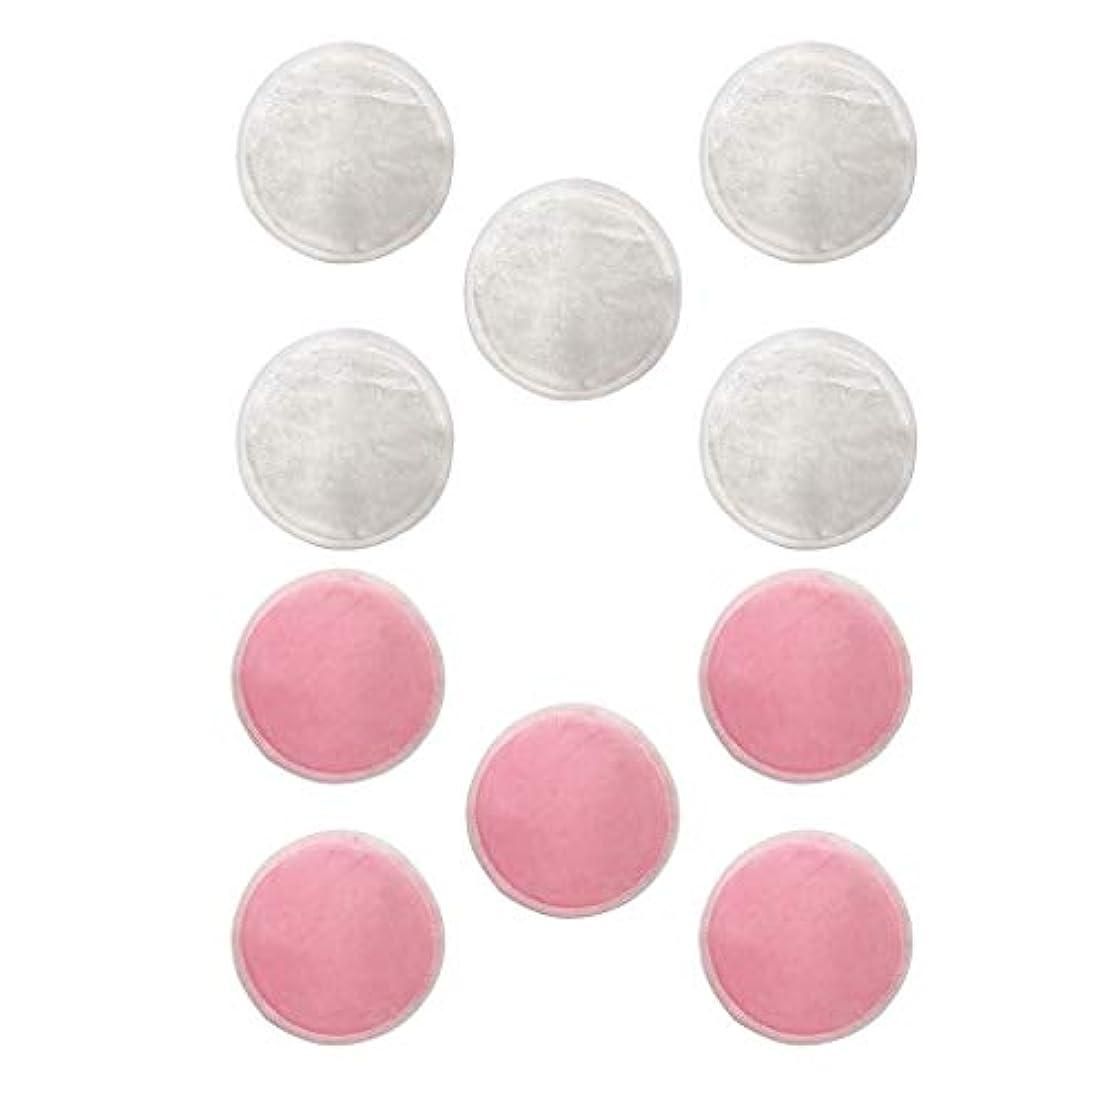 我慢する乳剤師匠dailymall Natural Rounds 10 Packs-顔用の再利用可能な竹繊維メイク落としパッド-再利用可能なフェイシャルコットンラウンド